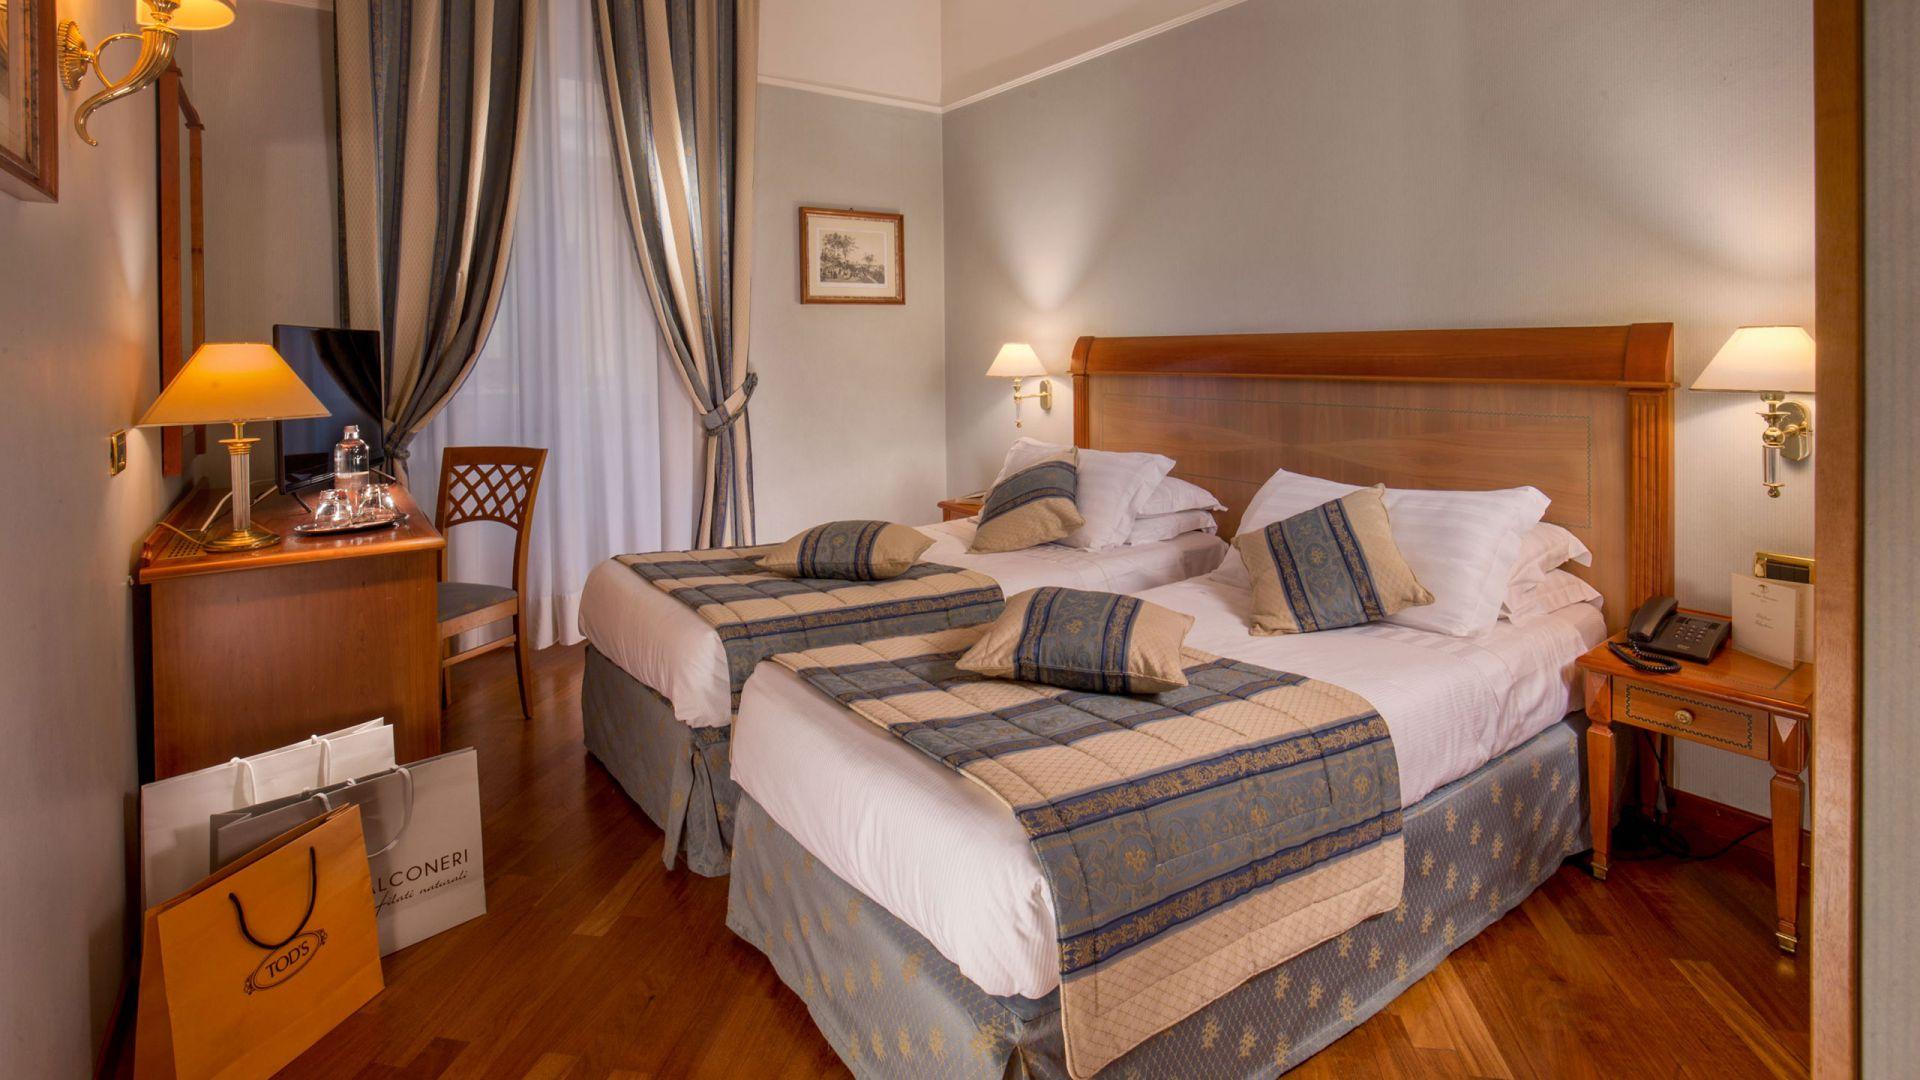 albergo-ottocento-rome-chambre-double-twin-12